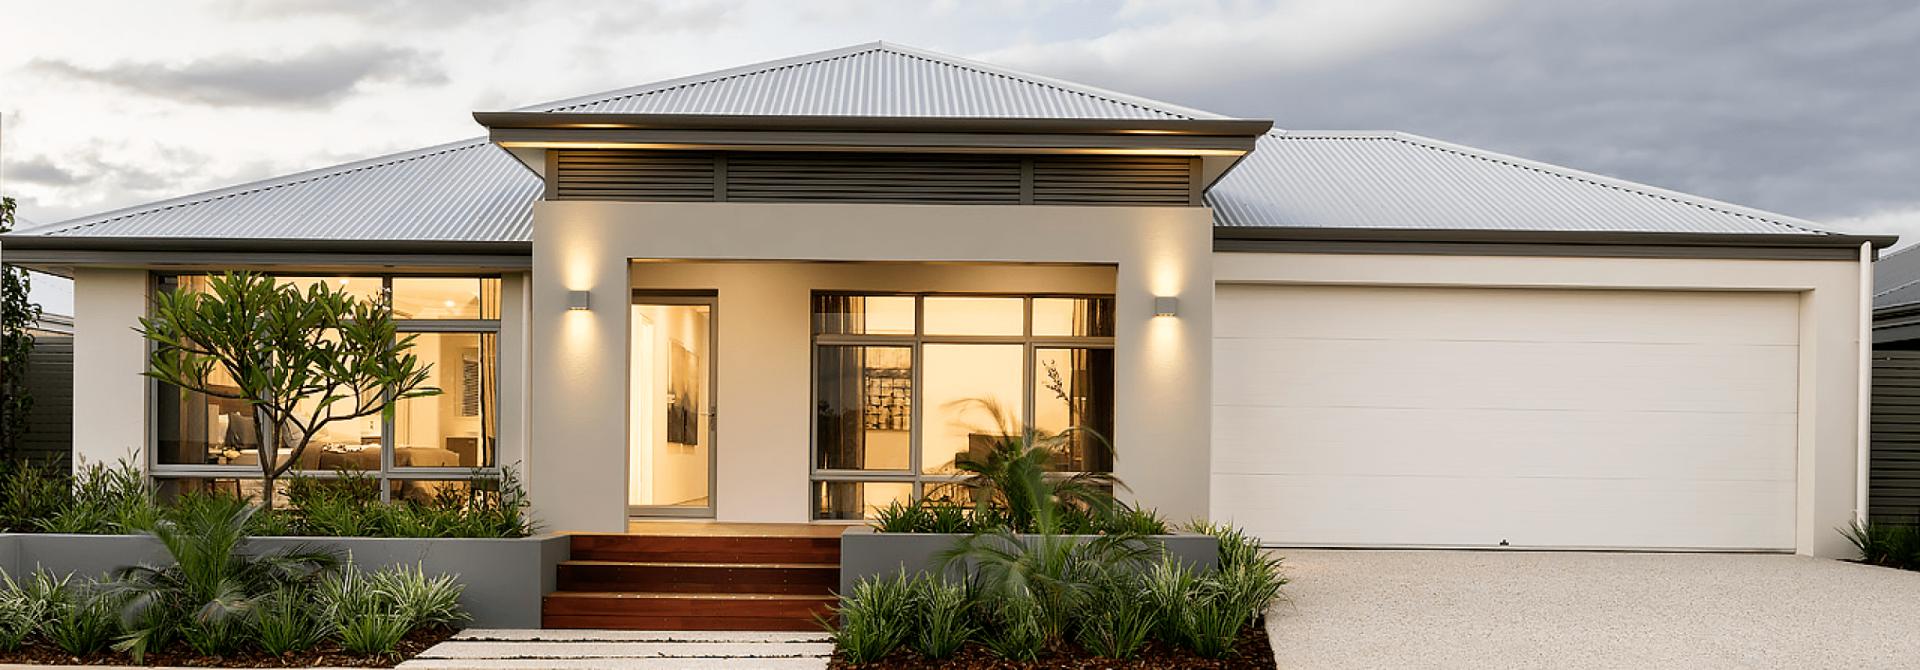 New Home Design Perth Archipelago I Dale Alcock Homes